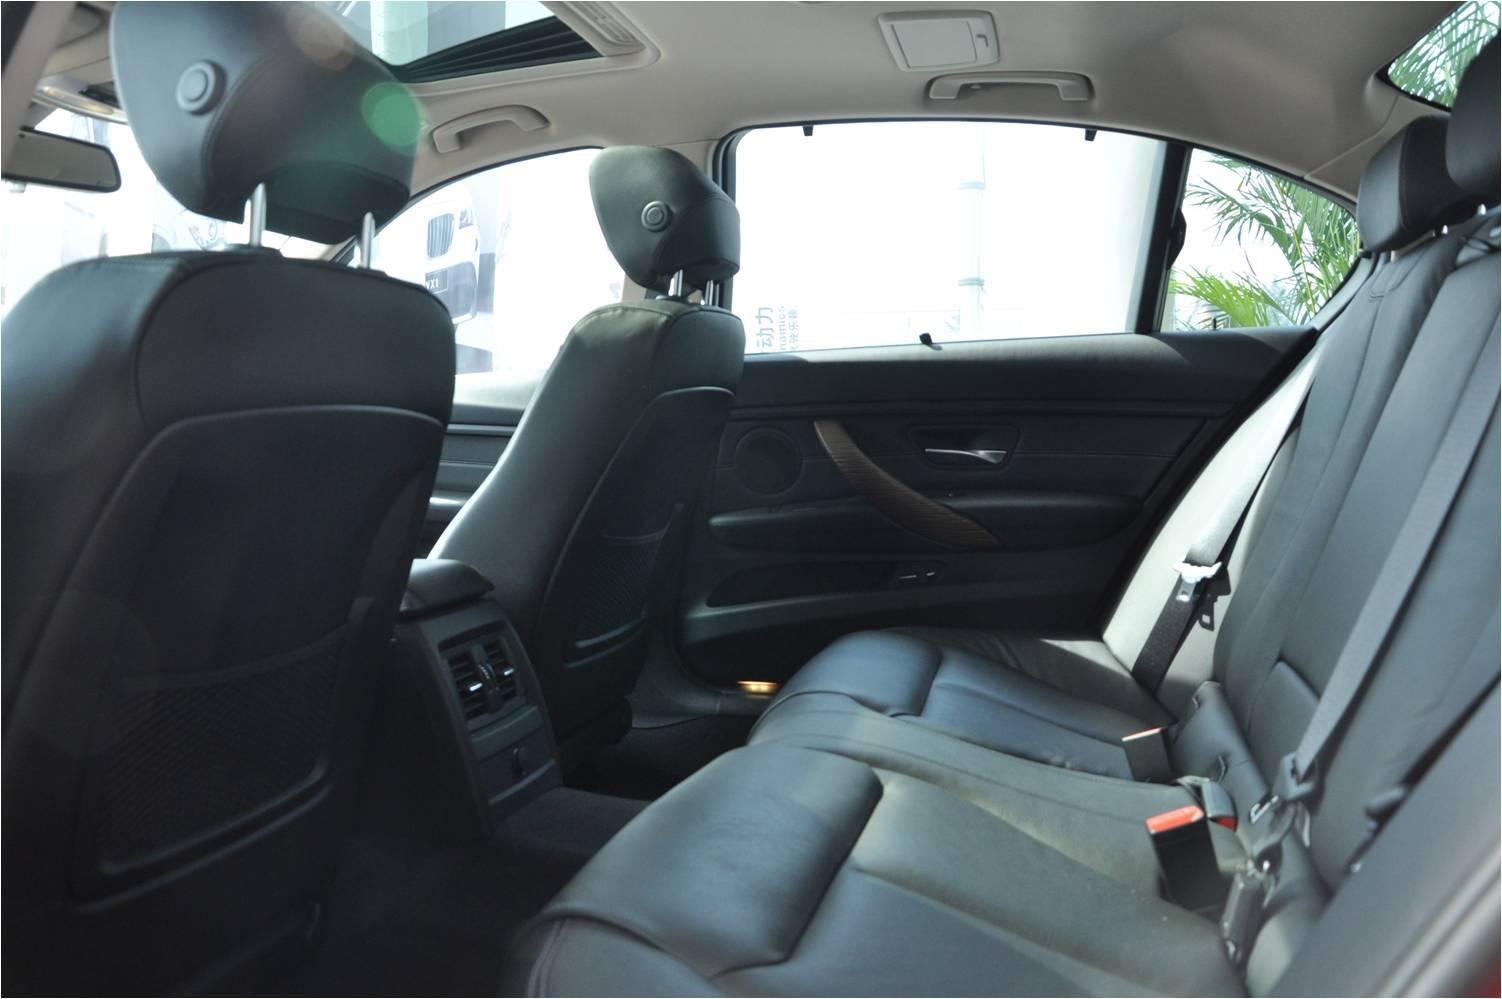 夜间在弯曲的道路上驾驶:氙气前灯会根据前方弯道的角度进行调节,全新BMW 3系四门轿车的大灯光束始终照亮道路。为了计算路线,多个传感器会检测转弯角度、偏转率和车速。随动控制大灯可保证在光线昏暗的道路上提供最佳照明,提前识别路况以及可能的危险。车速较高时,驾驶者需要注意前方更远的道路,以便及时做出反应 - 前部大灯因此会升高。在市区交通中,大灯会自动降低并更有效地照亮车辆正前方的道路,而不会使对面驶来车辆的驾驶者产生目眩。    徐州宝景汽车销售服务有限公司 销售热线:40011996